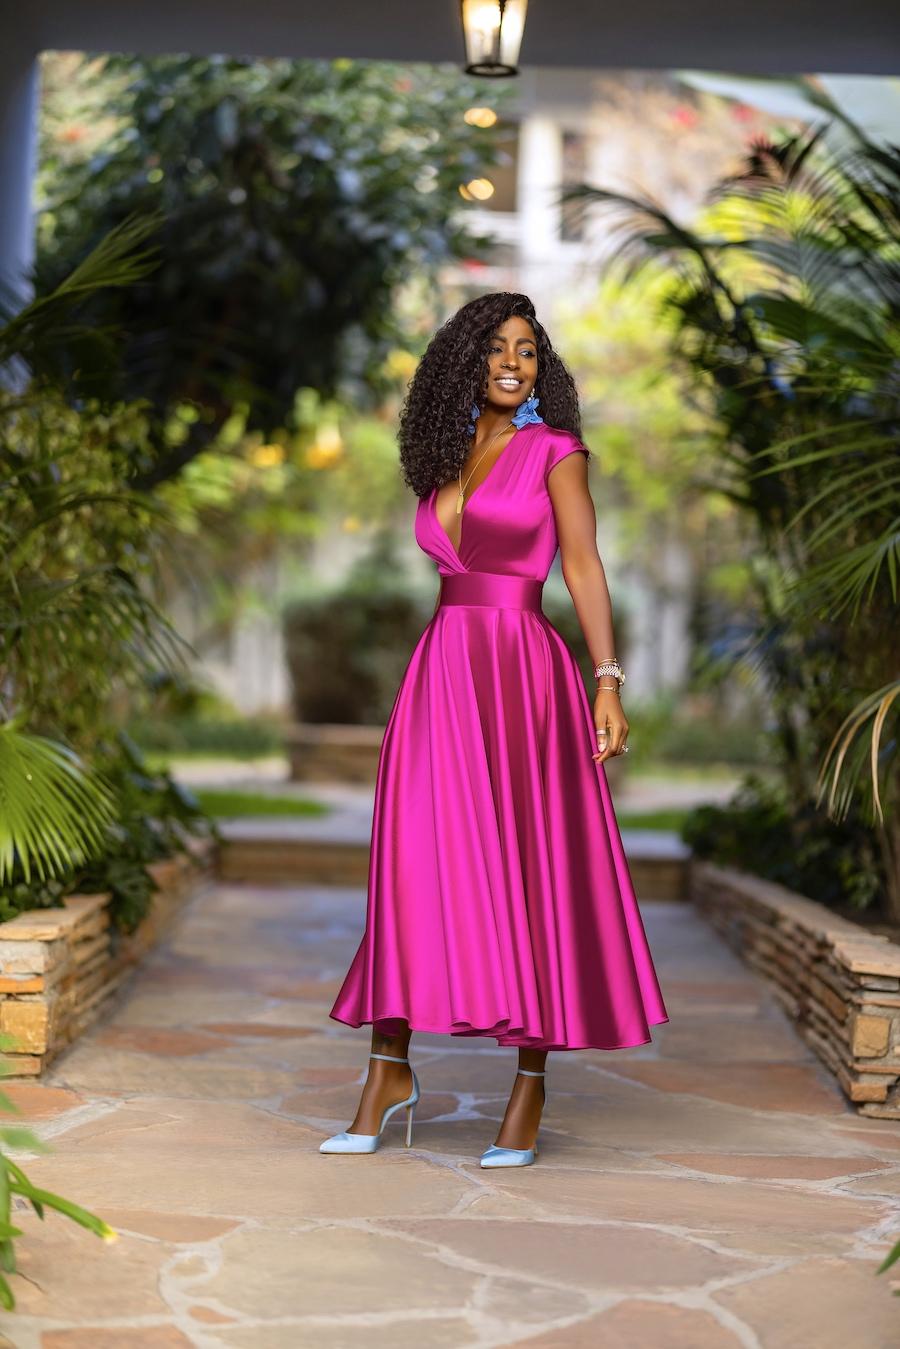 1612584557 762 echa un vistazo a las opciones para comprar y 30 - 40 modelos de vestidos rosas para un look que no pasa desapercibido